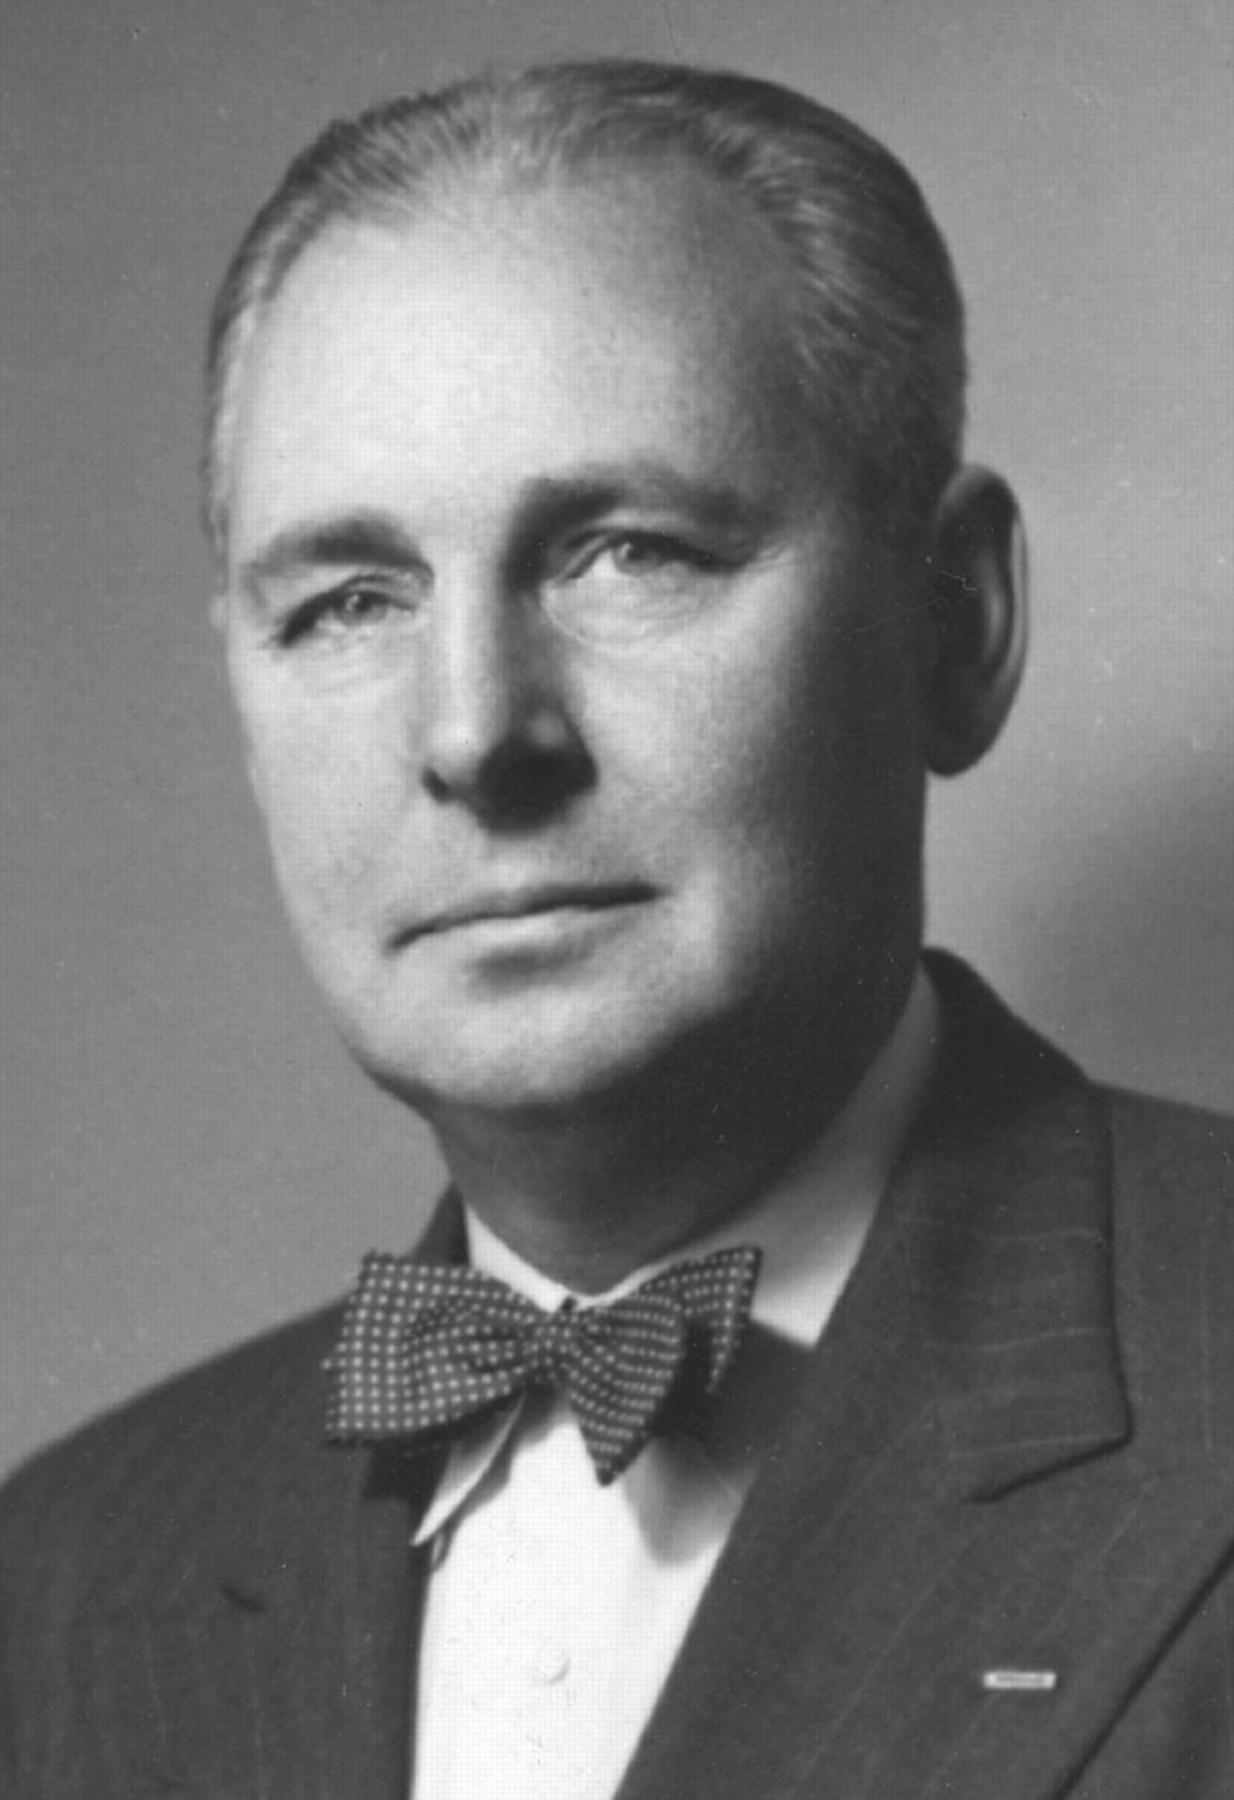 Na Foto: Lloyd Berkener, da Junta de Pesquisa e Desenvolvimento. Membro do comitê OVNI financiado pela CIA nos anos 50.